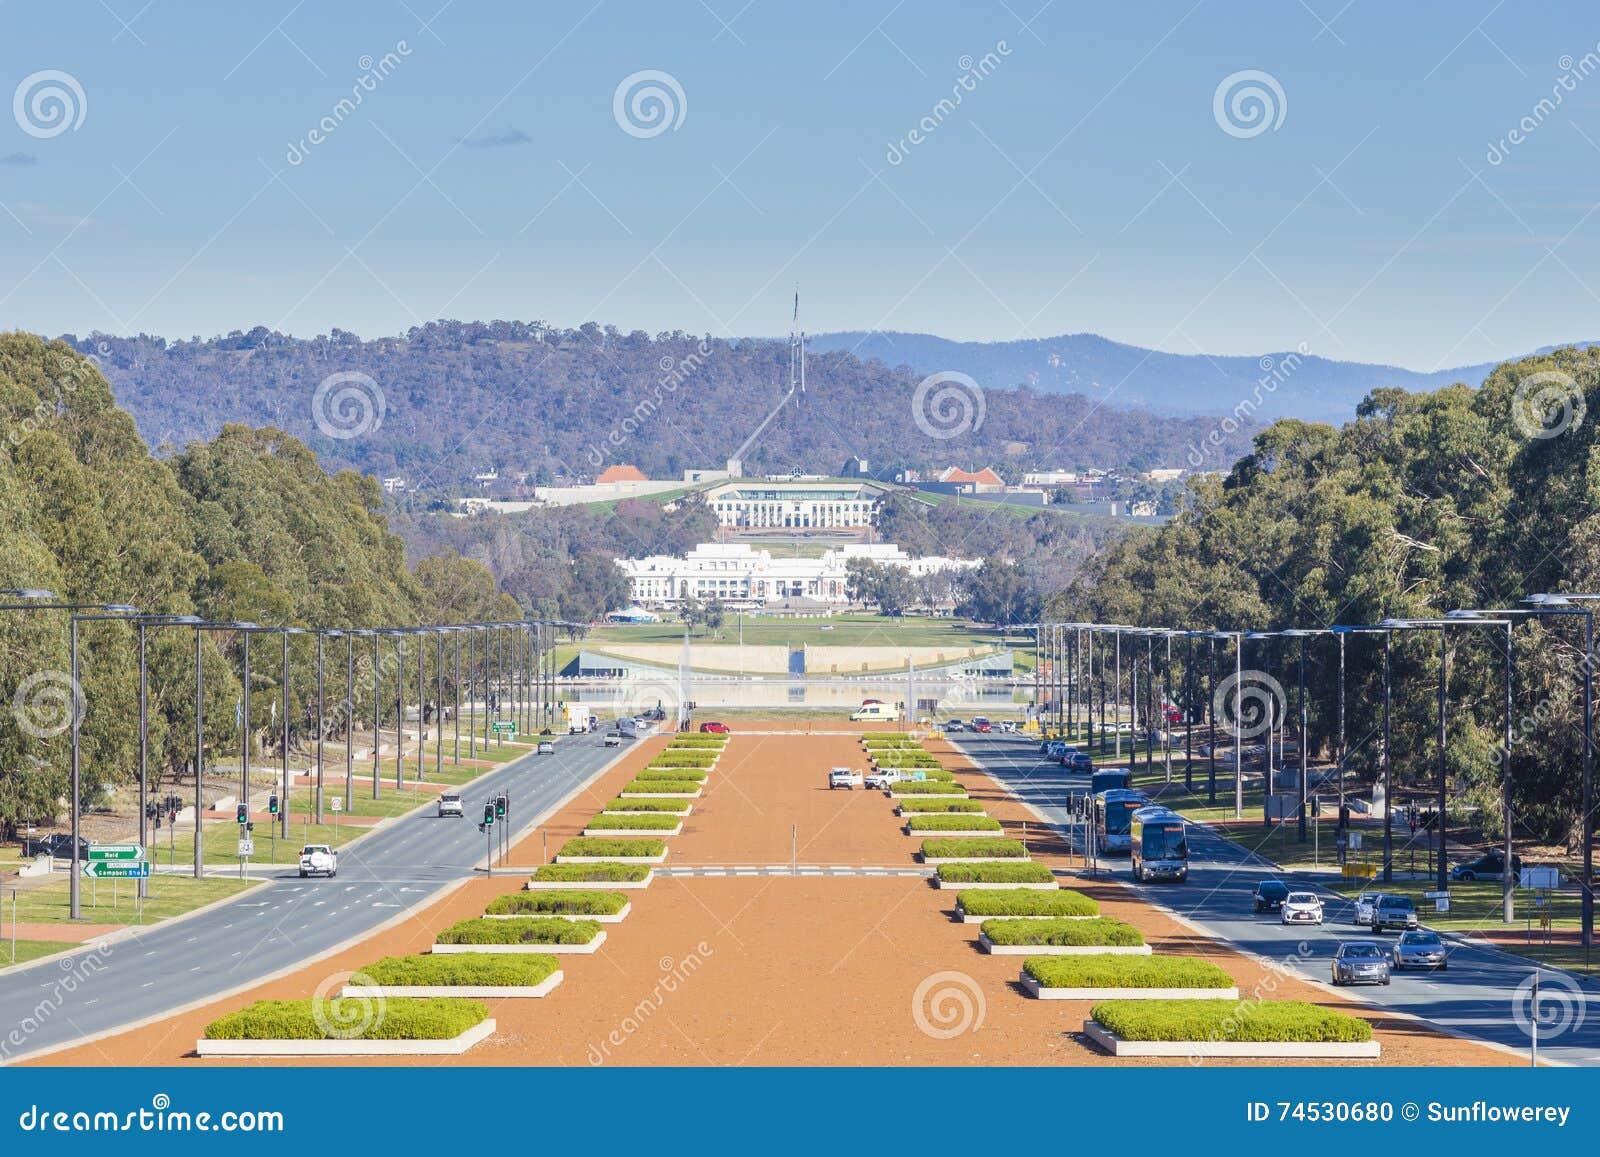 El viejo parlamento contiene y el nuevo parlamento contiene en Canberra